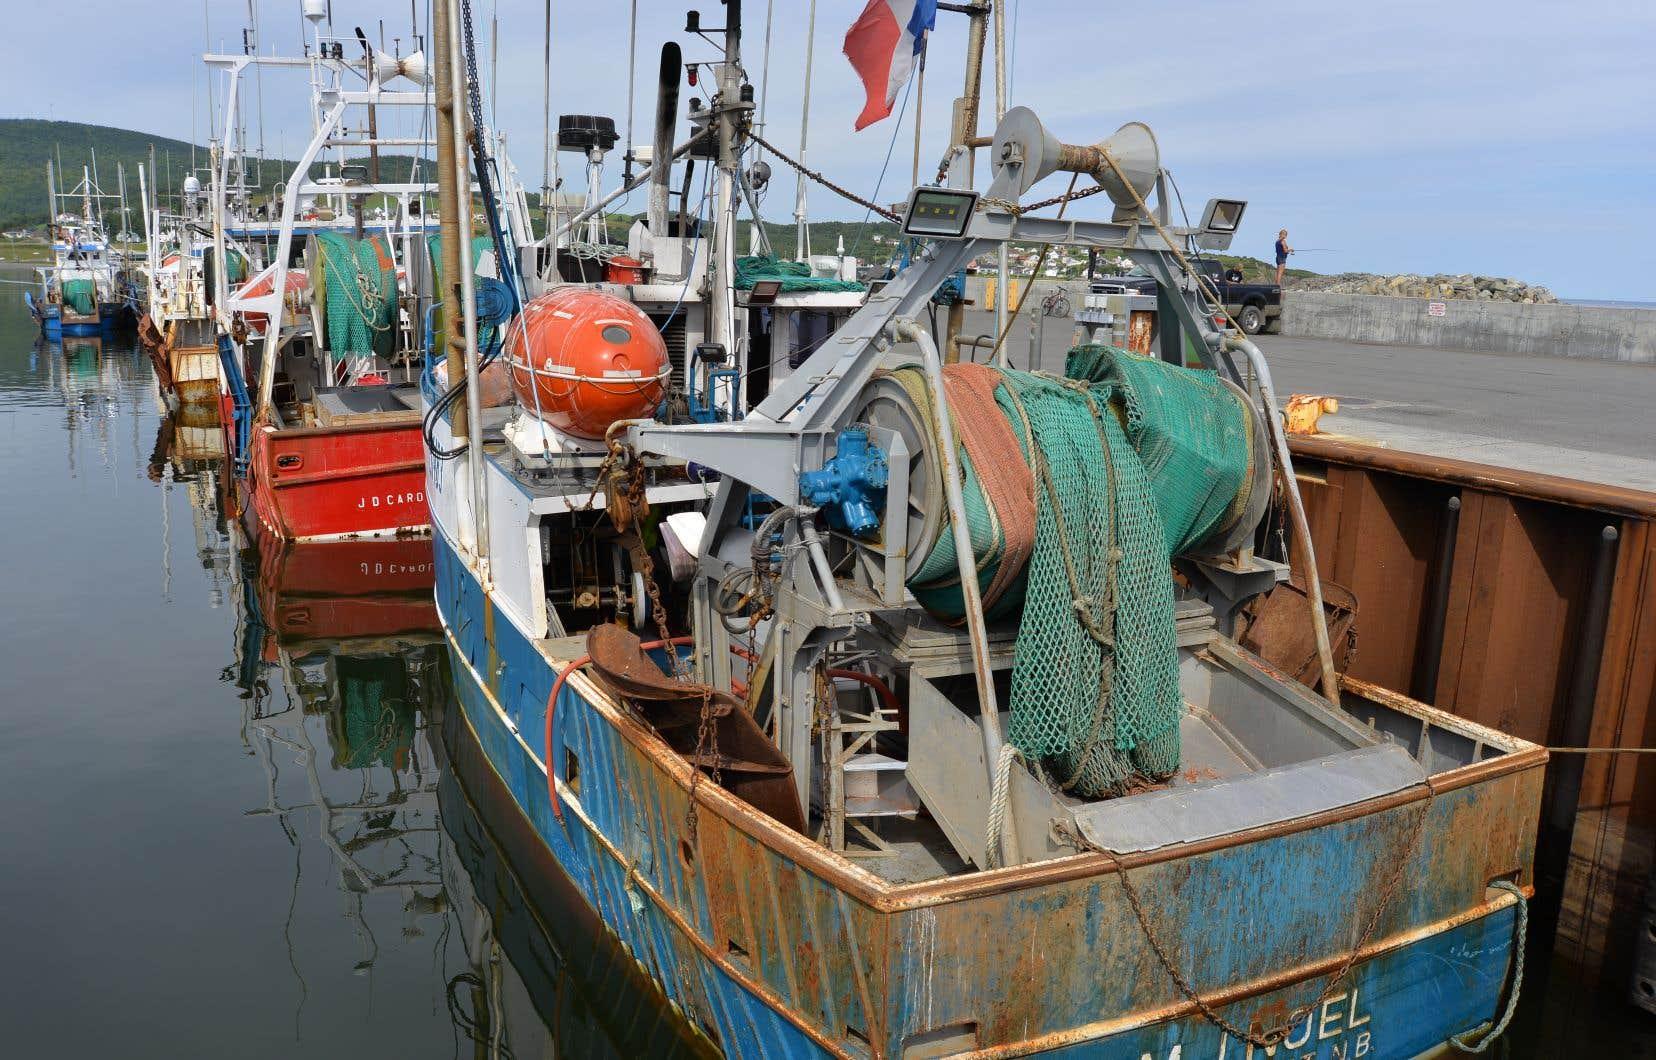 L'équipement de pêche abandonné dans l'eau représente un plus gros problème que les pailles, les bouteilles ou les sacs d'épicerie.